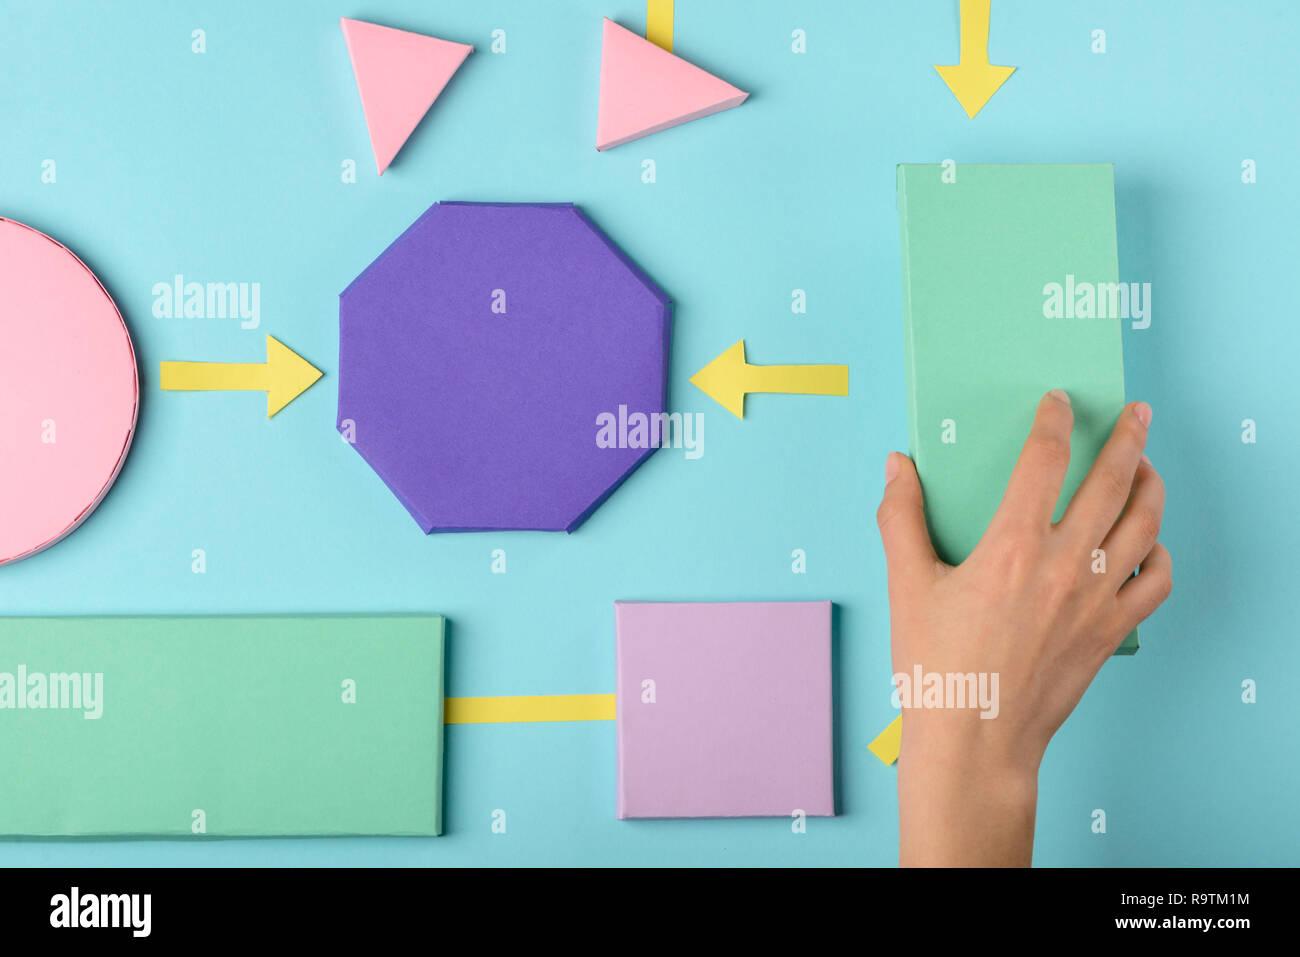 Flow chart color Papier Modell. Frau verbinden verschiedene Bausteine mit Pfeilen, die einen Algorithmus. Stockbild